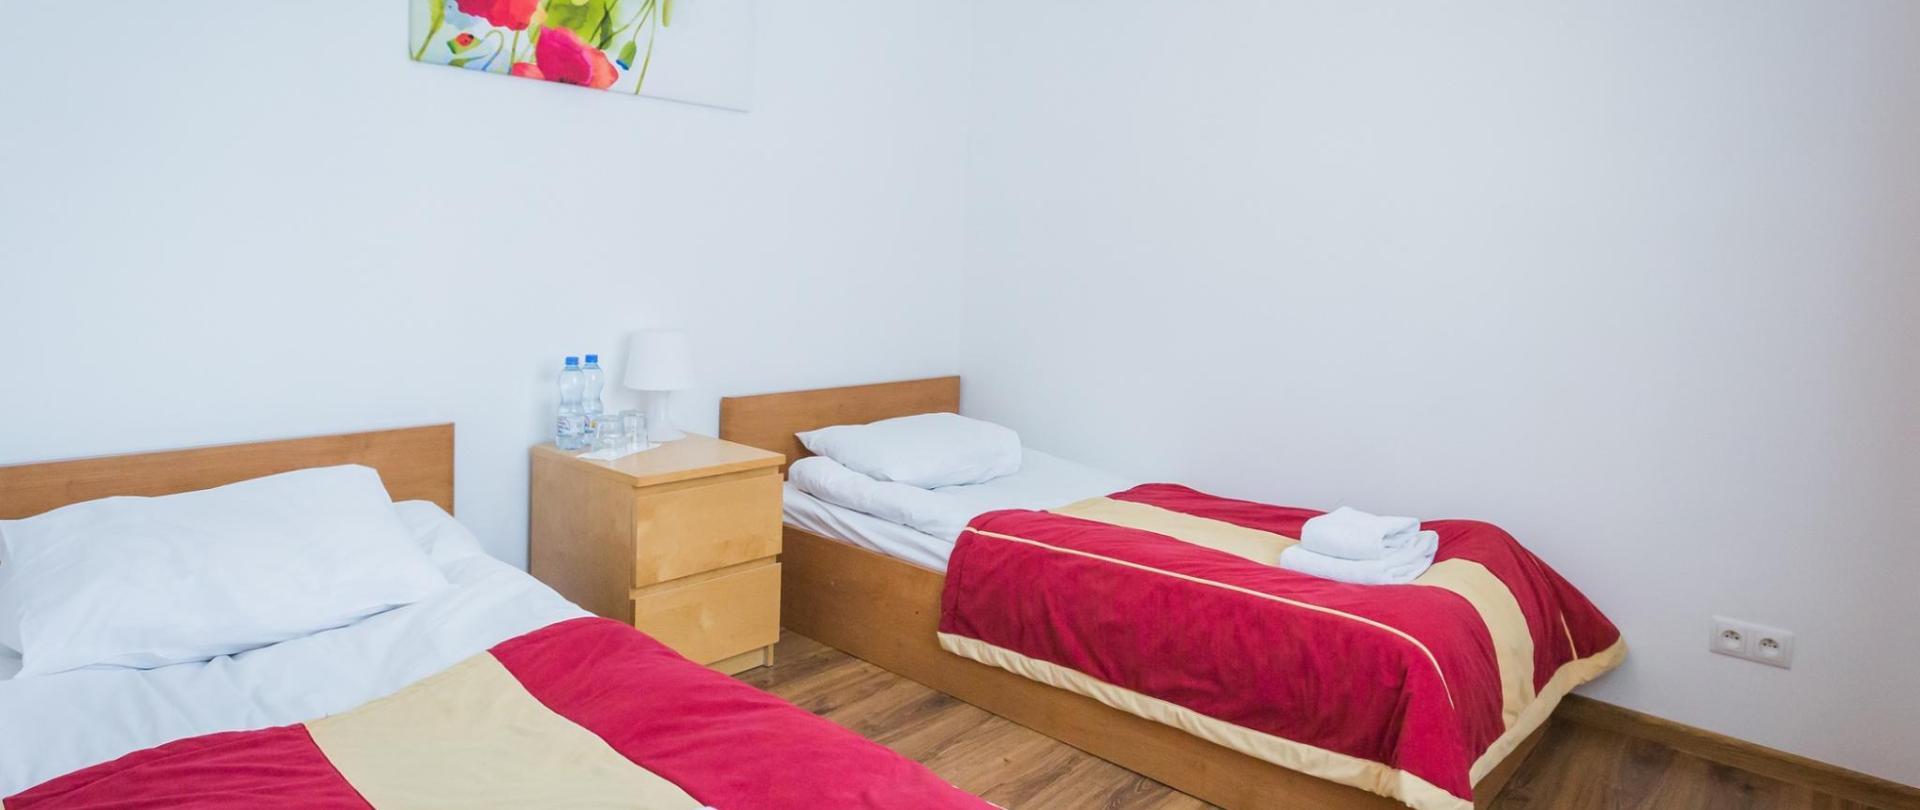 Warsaw Apartments - Apartamenty Wilanów